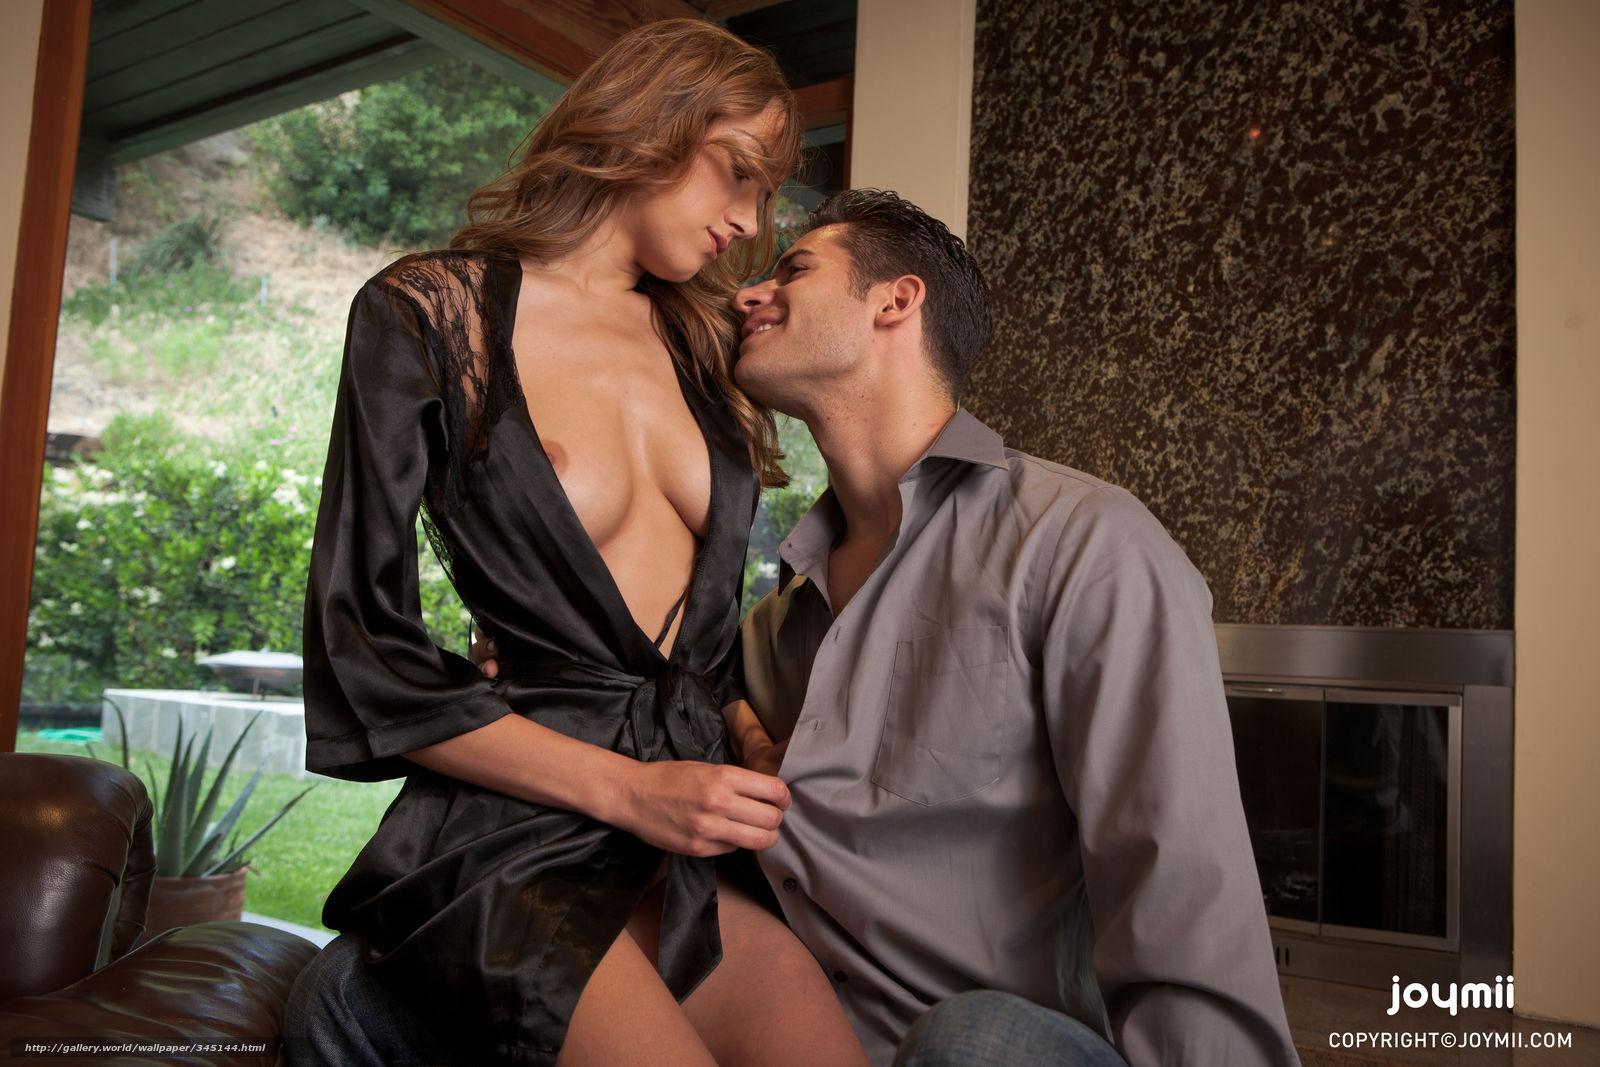 Смотреть онлайн сексуальная пара 17 фотография